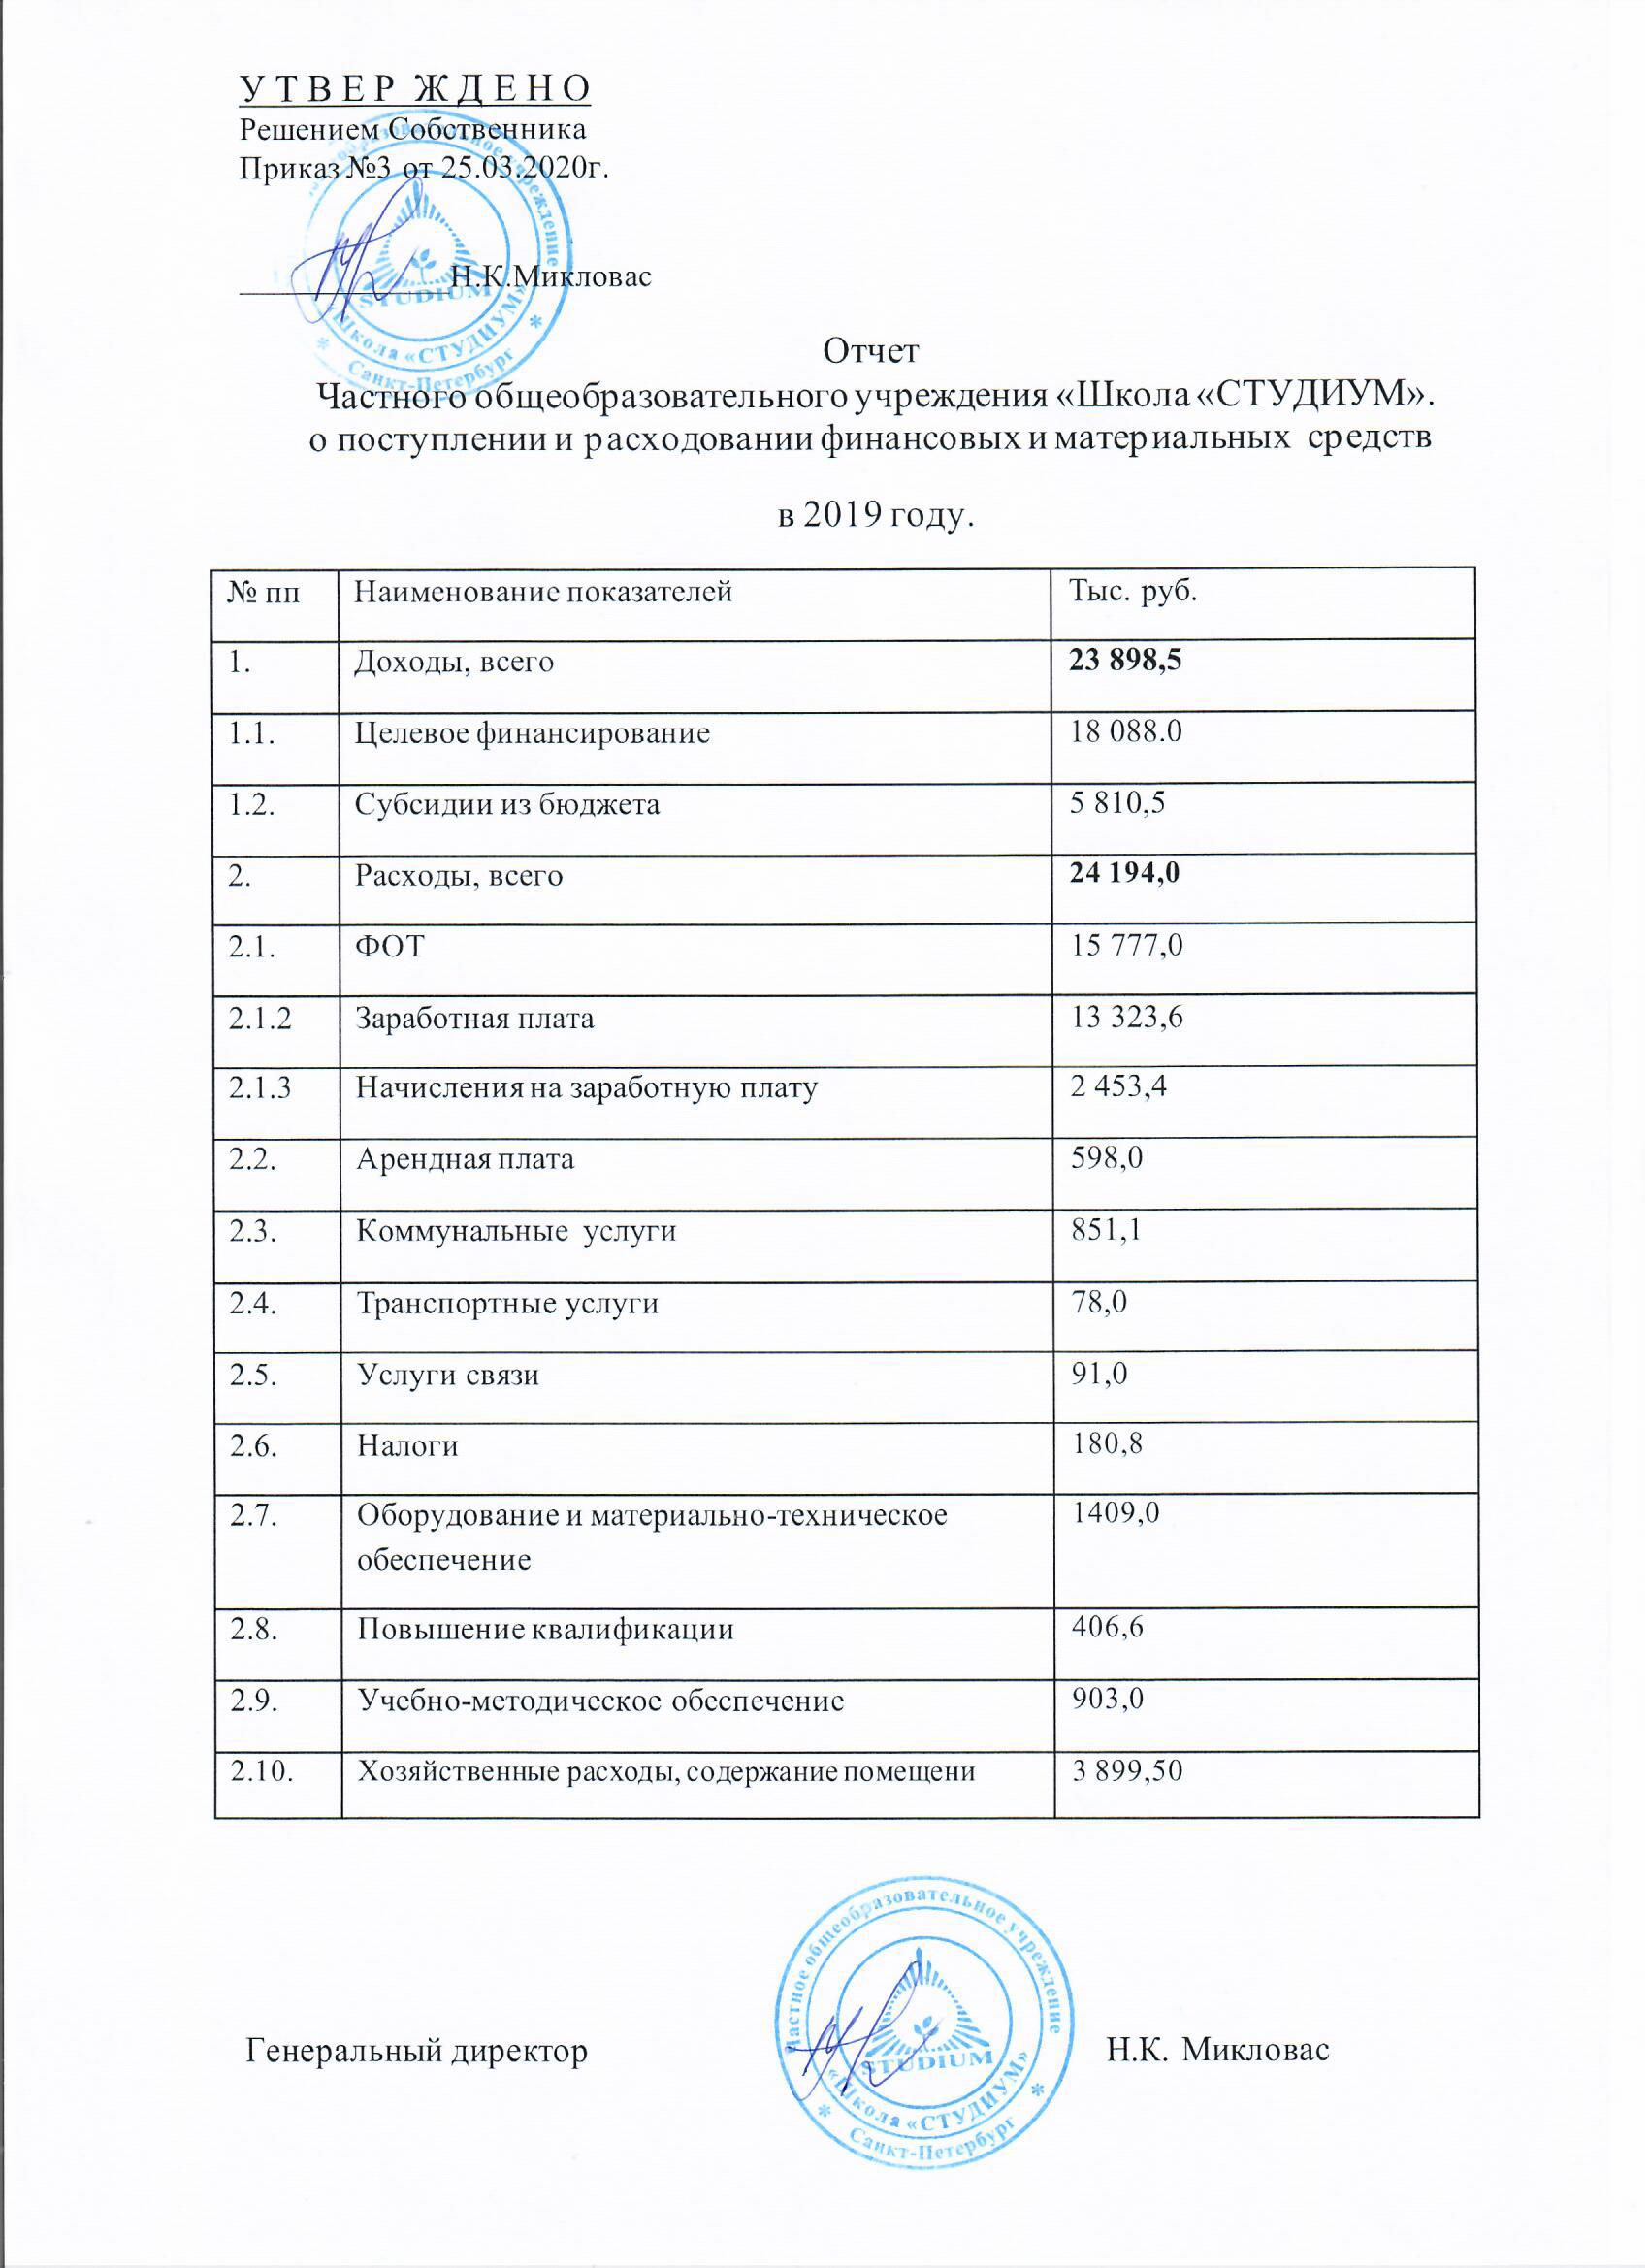 Отчет о поступлении и расходовании финансовых и материальных средств в 2019г.